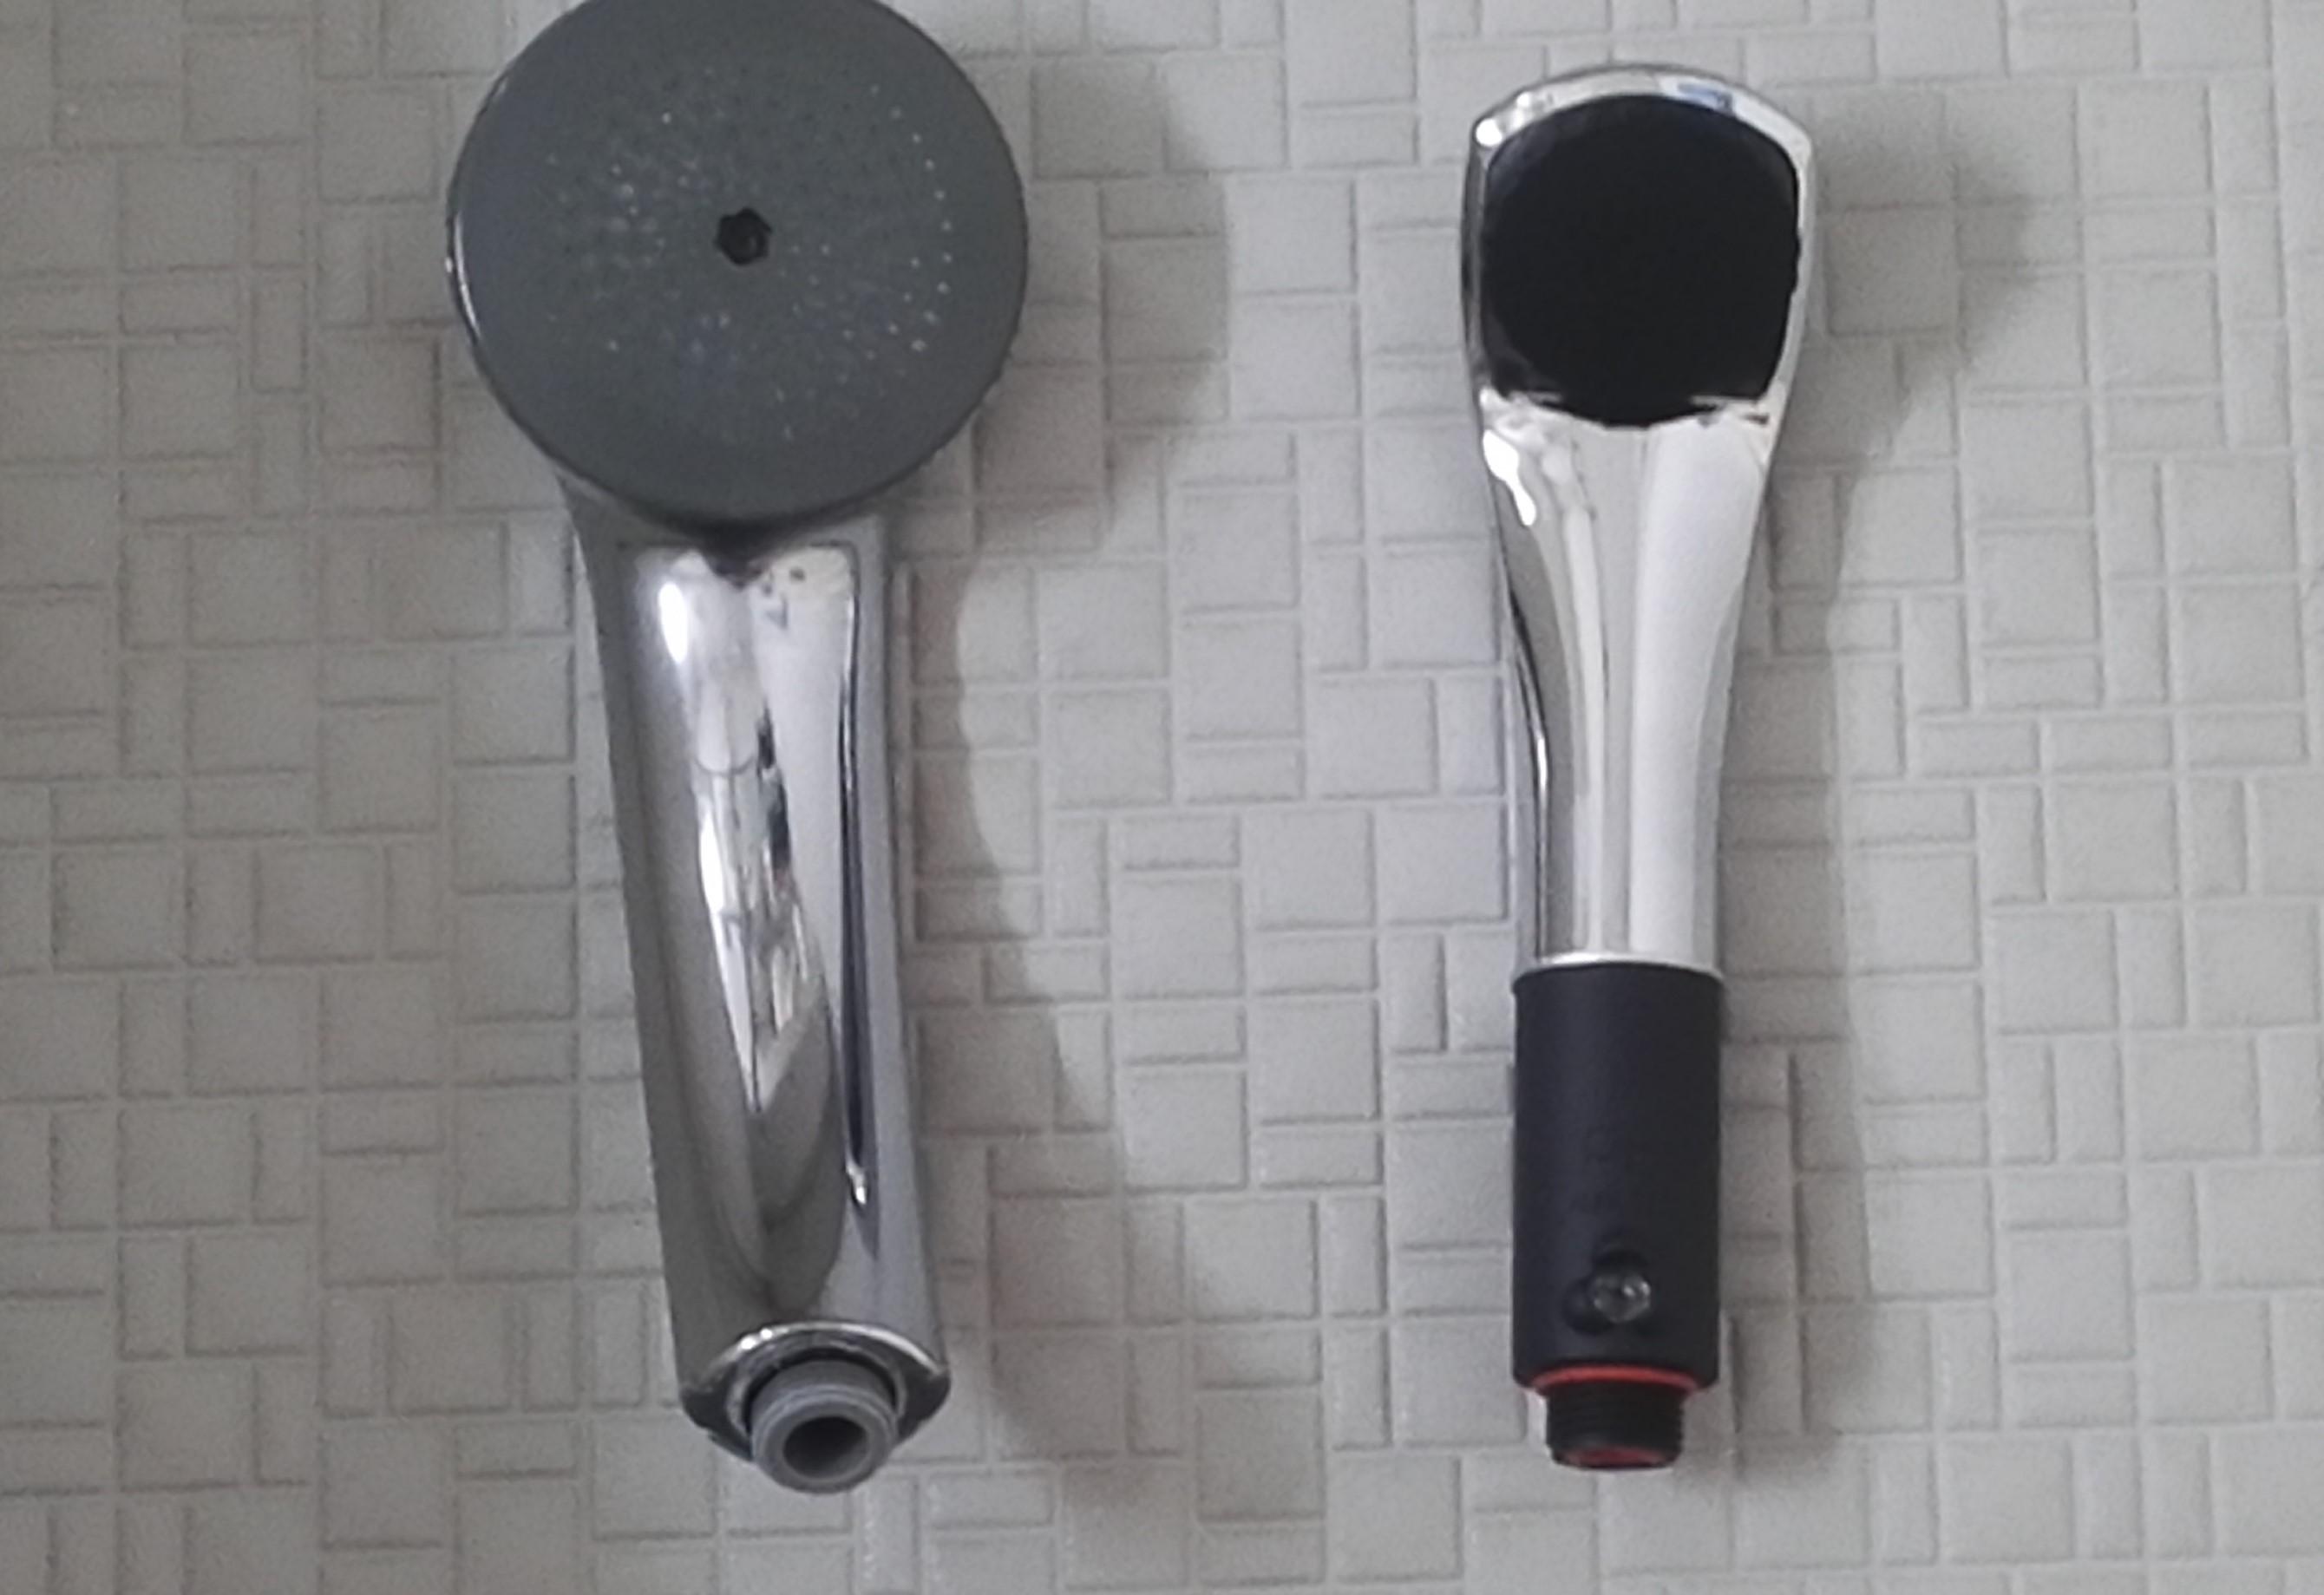 いままでのシャワーヘッドとピュアブルⅡの比較写真